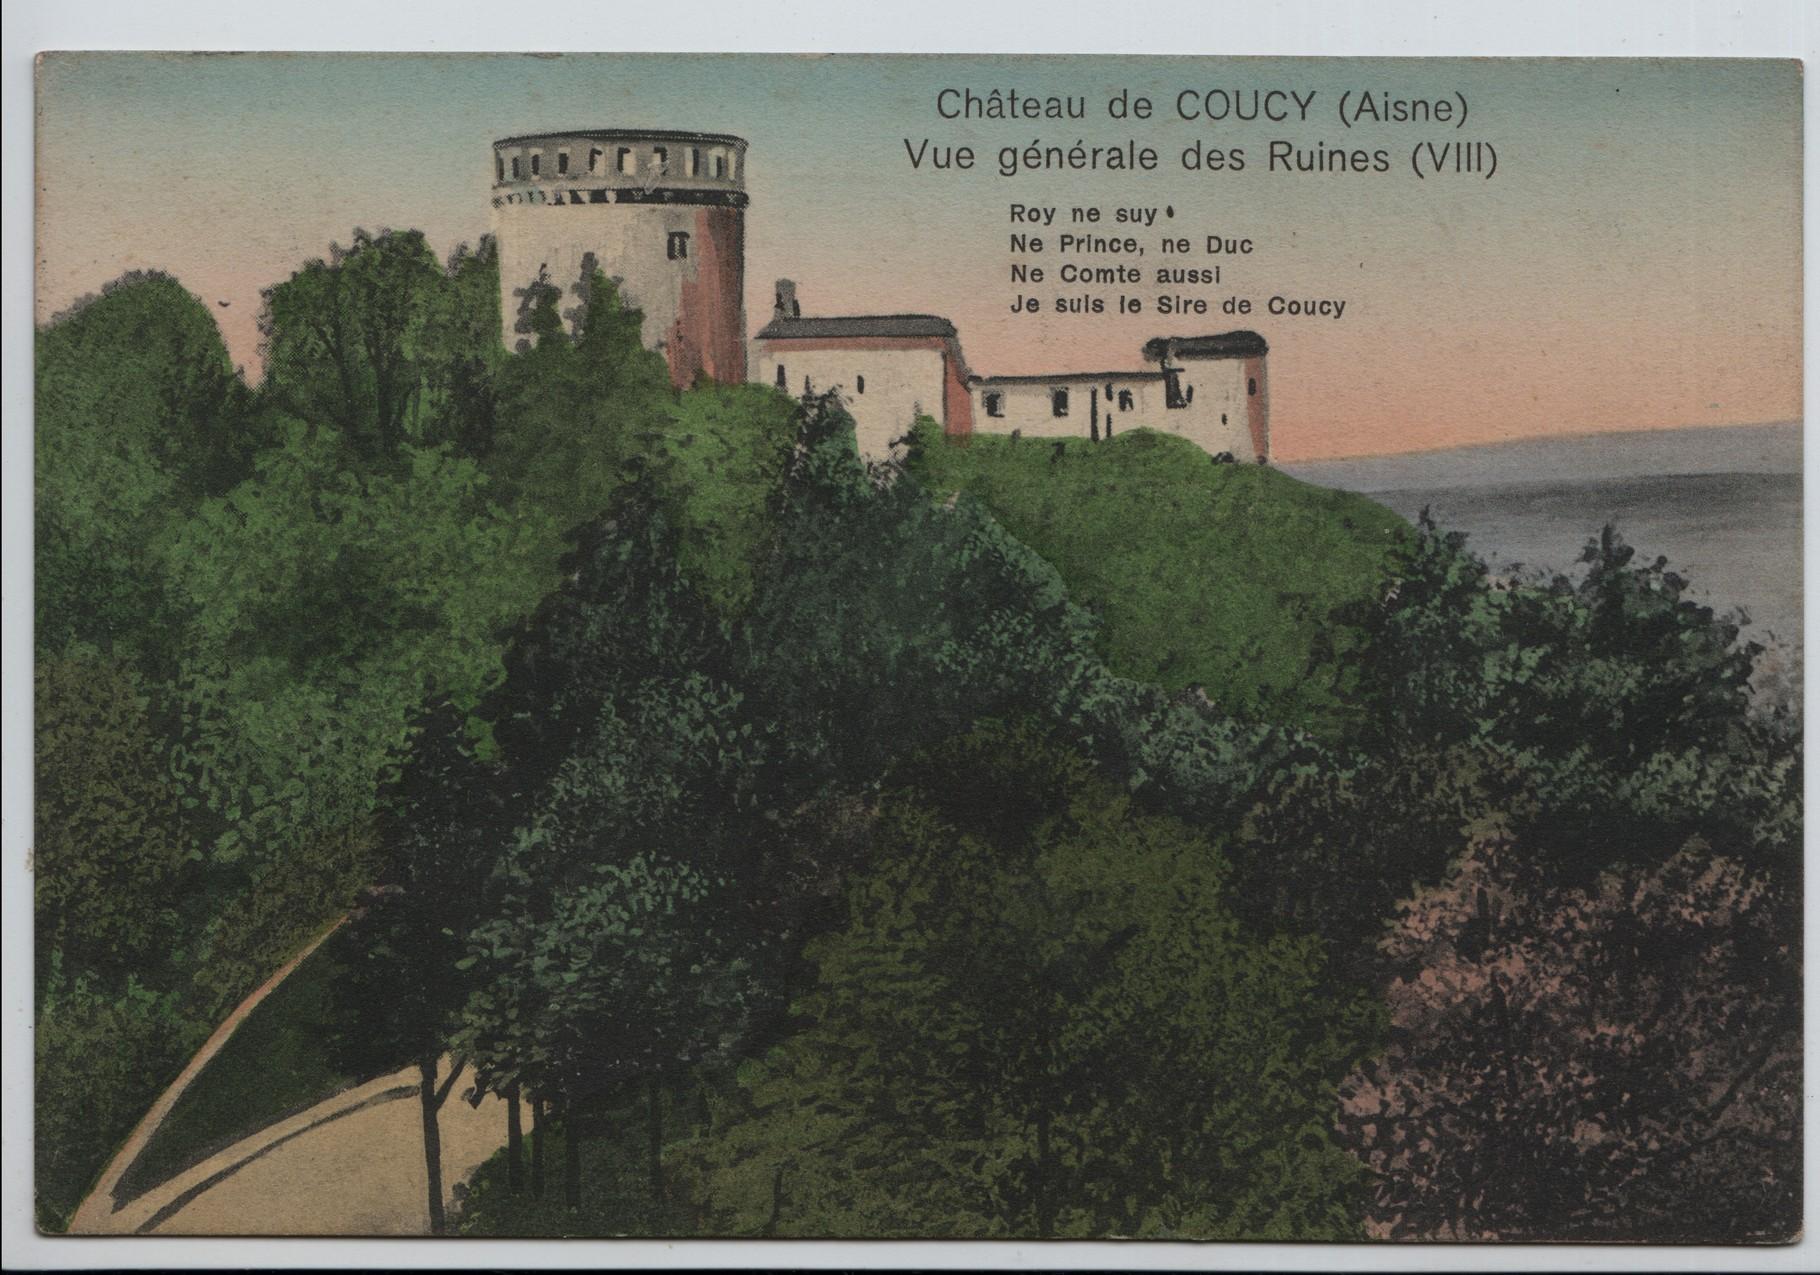 1. Chateau de Coucy on the river Aisne